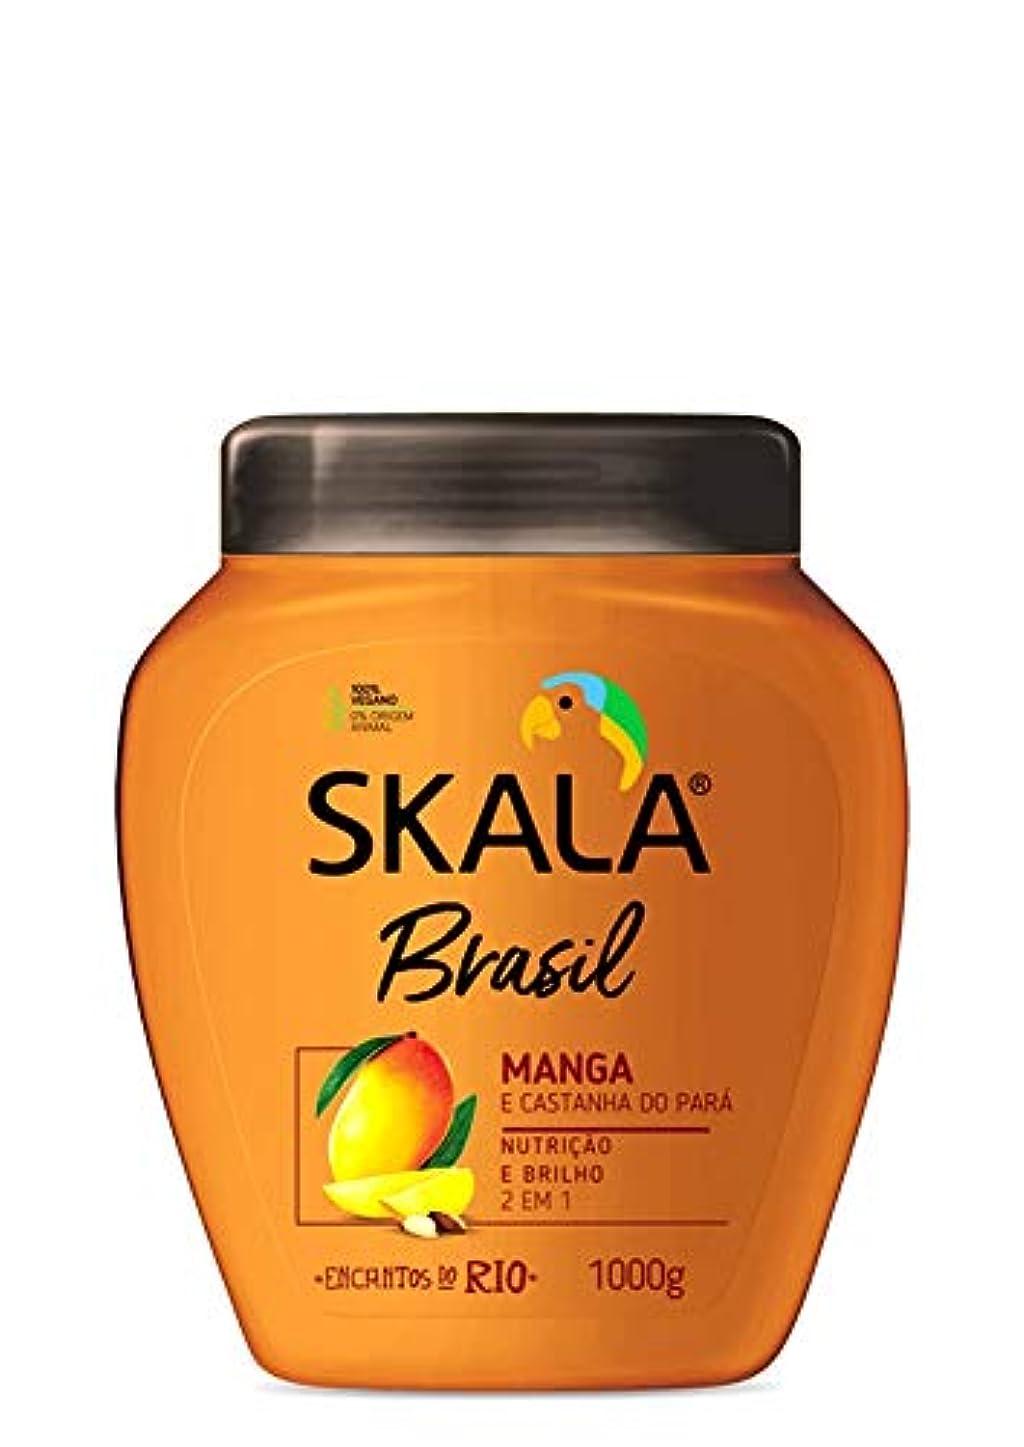 観点大胆な重荷Skala Brasil スカラブラジル マンゴー&パラ栗 オールヘア用 2イン1 トリートメントクリーム 1kg